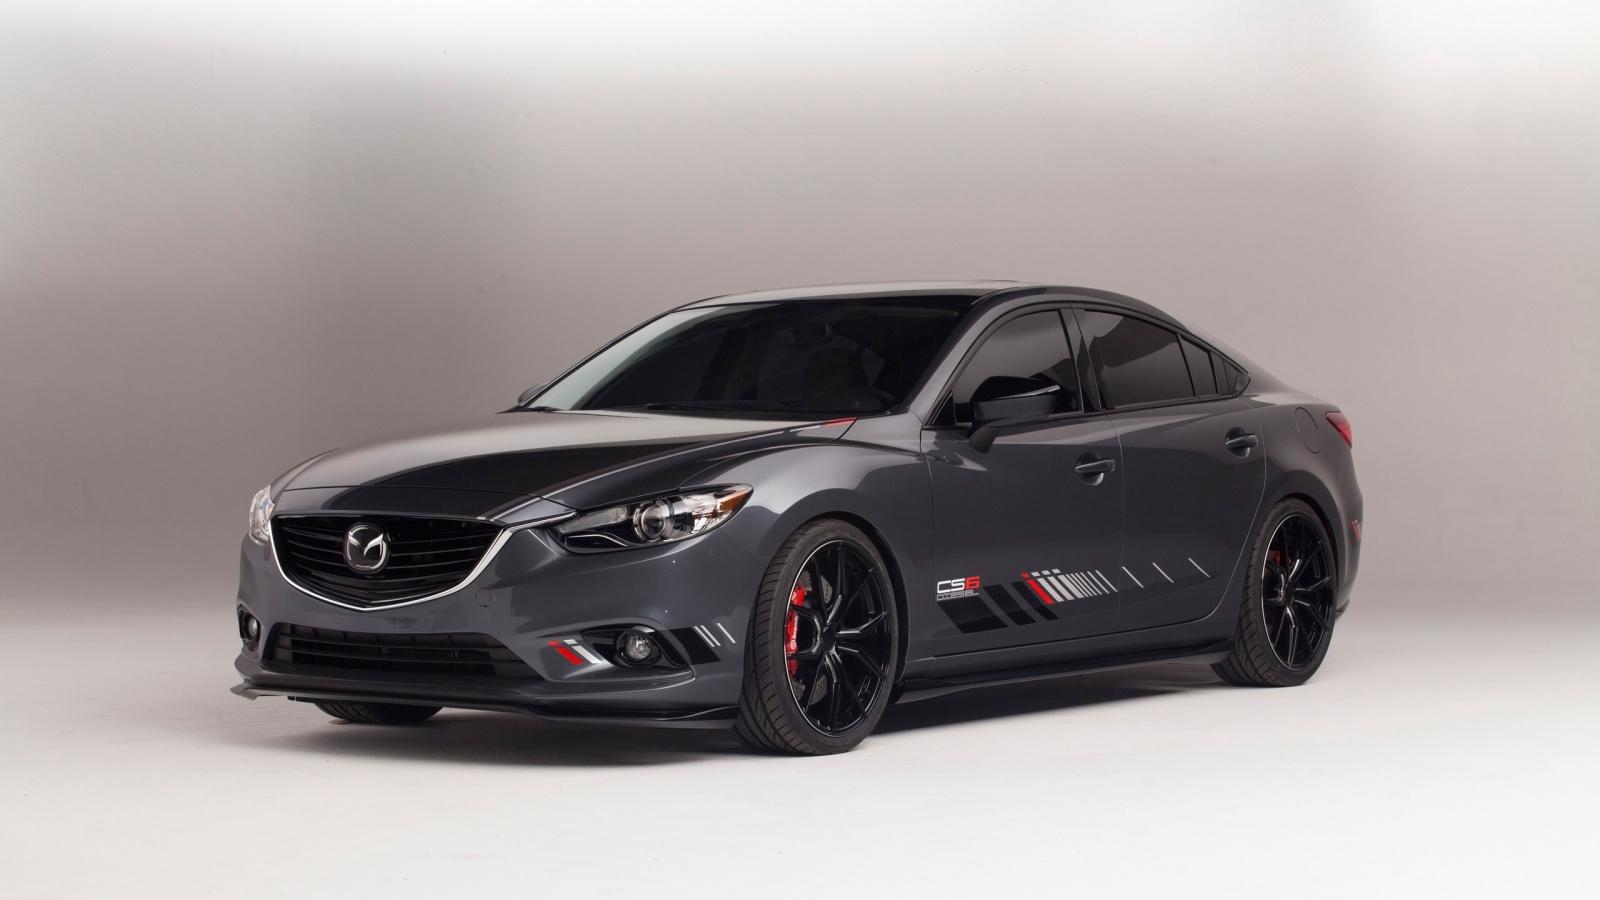 Mazda Sports Car Background CarWallpapersForDesktoporg - Cool mazda cars